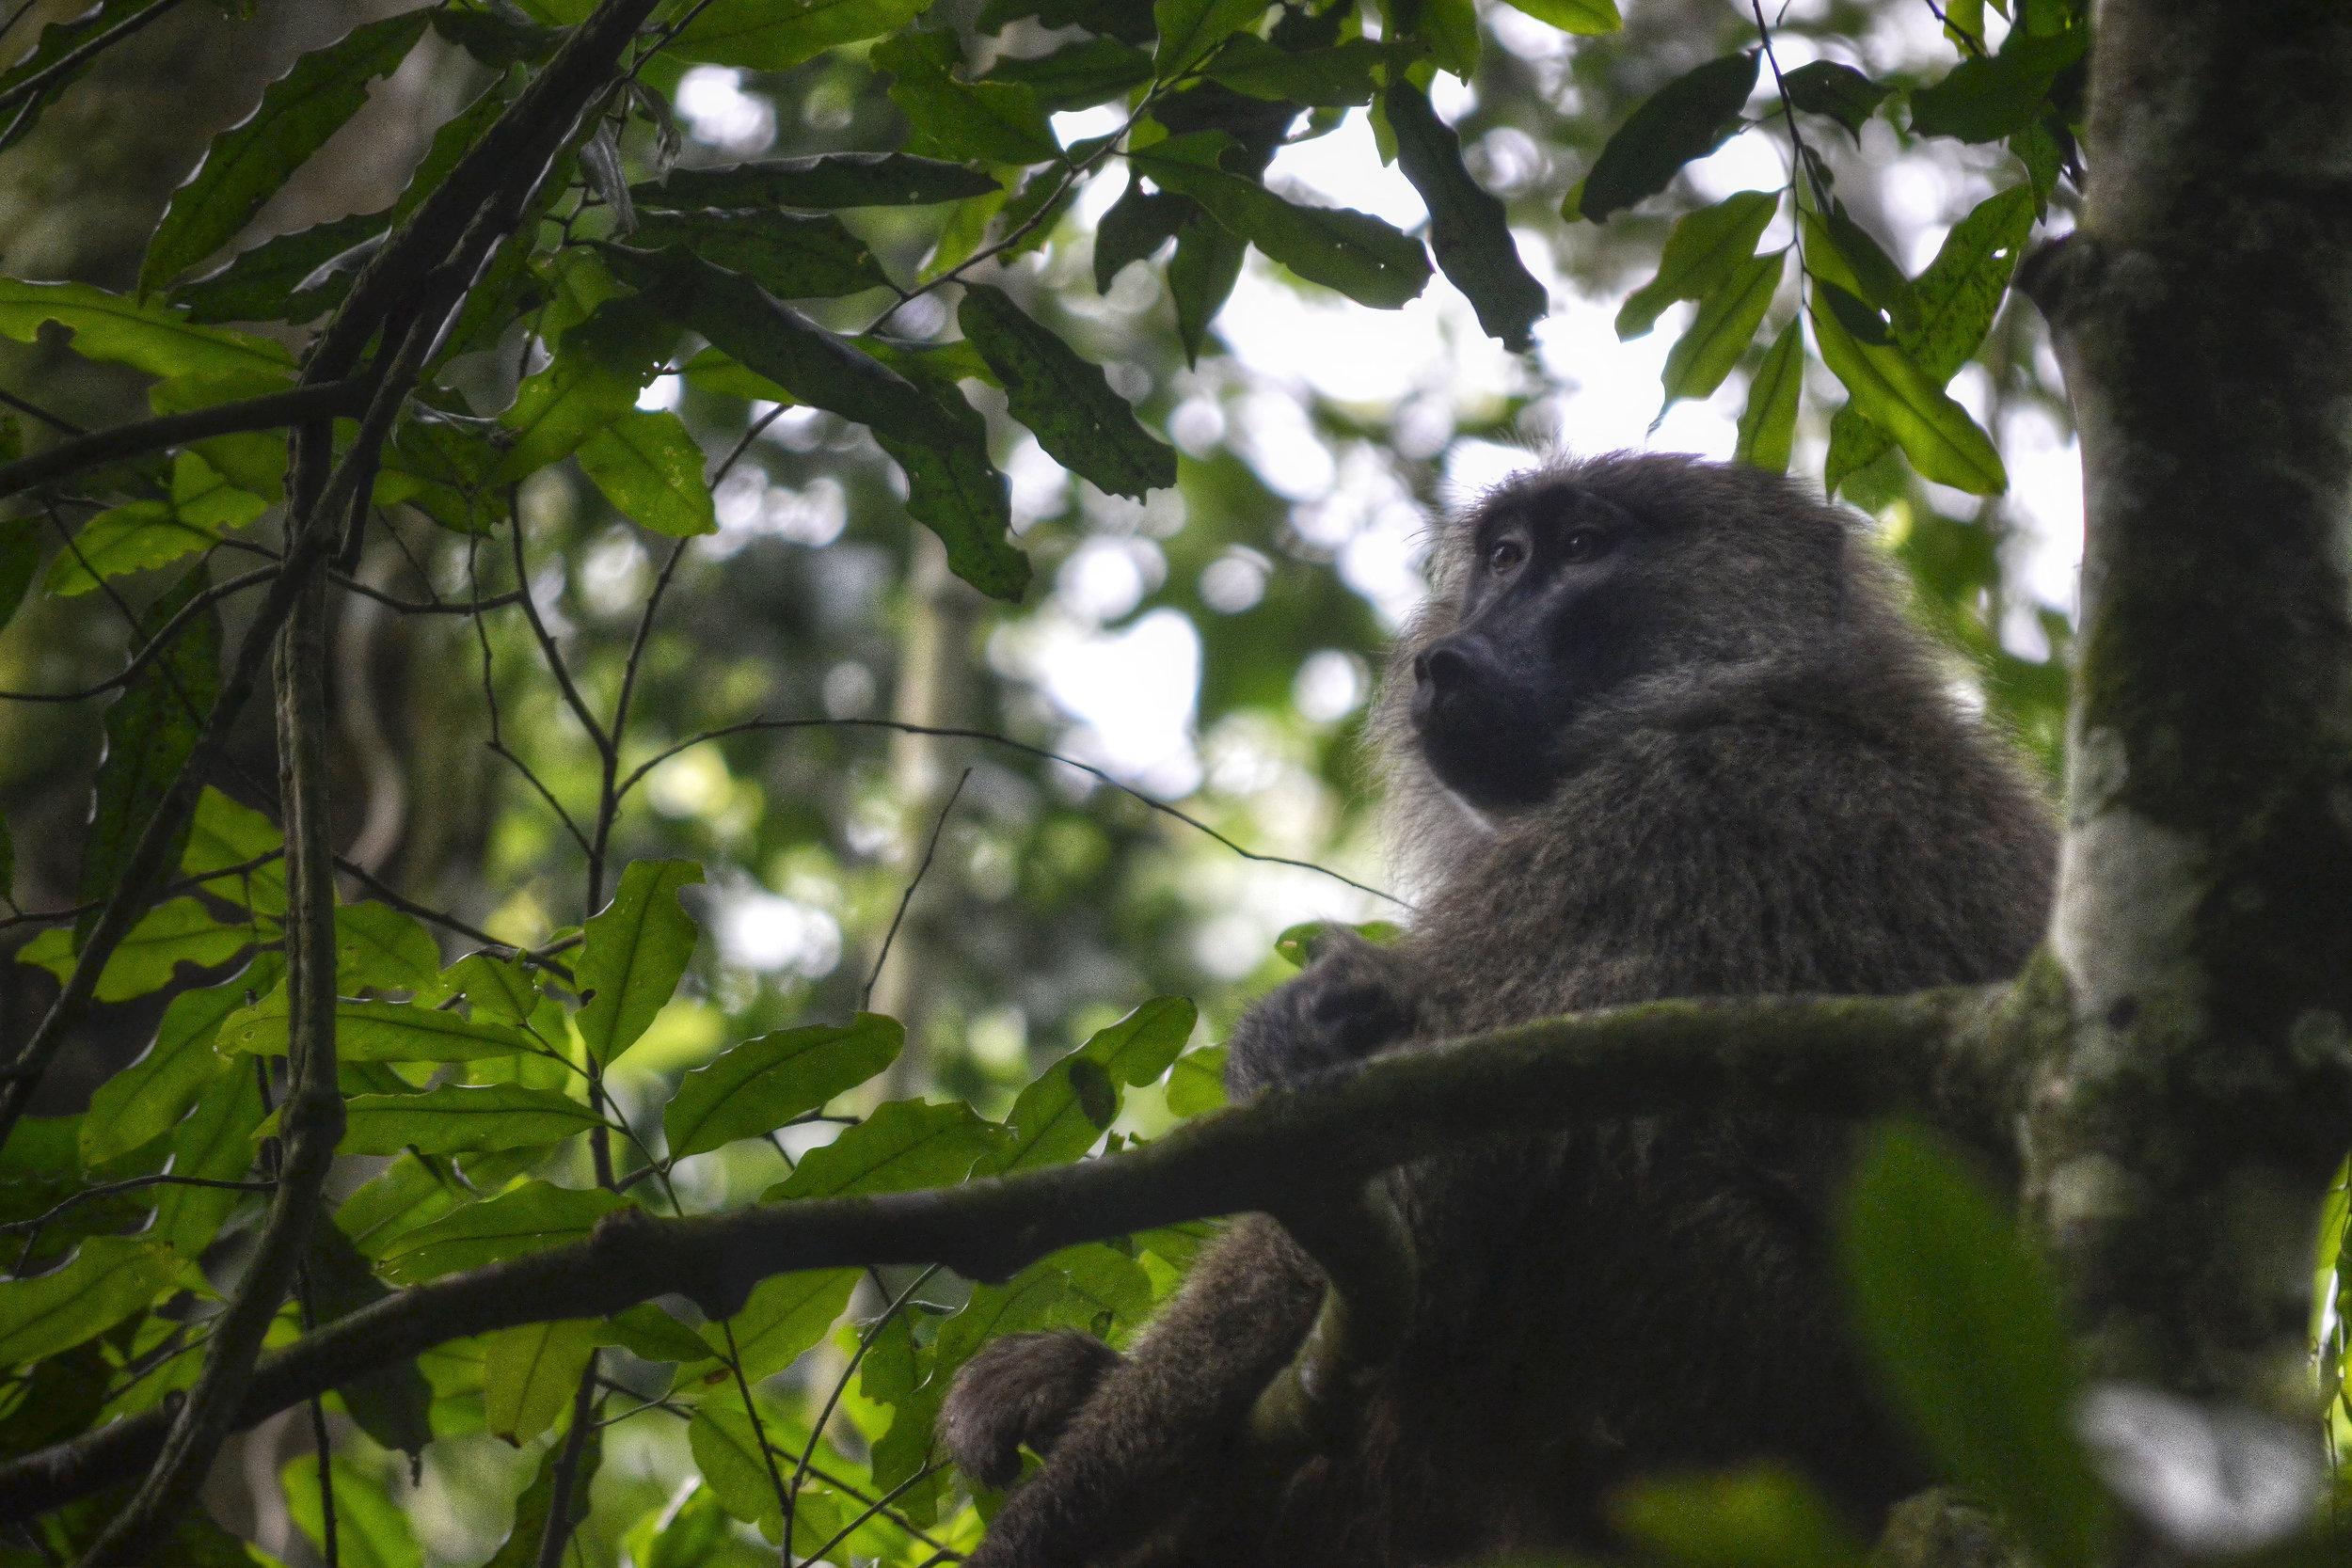 Baboon_Tree_+1_+2_-1_-2_tonemapped.jpg